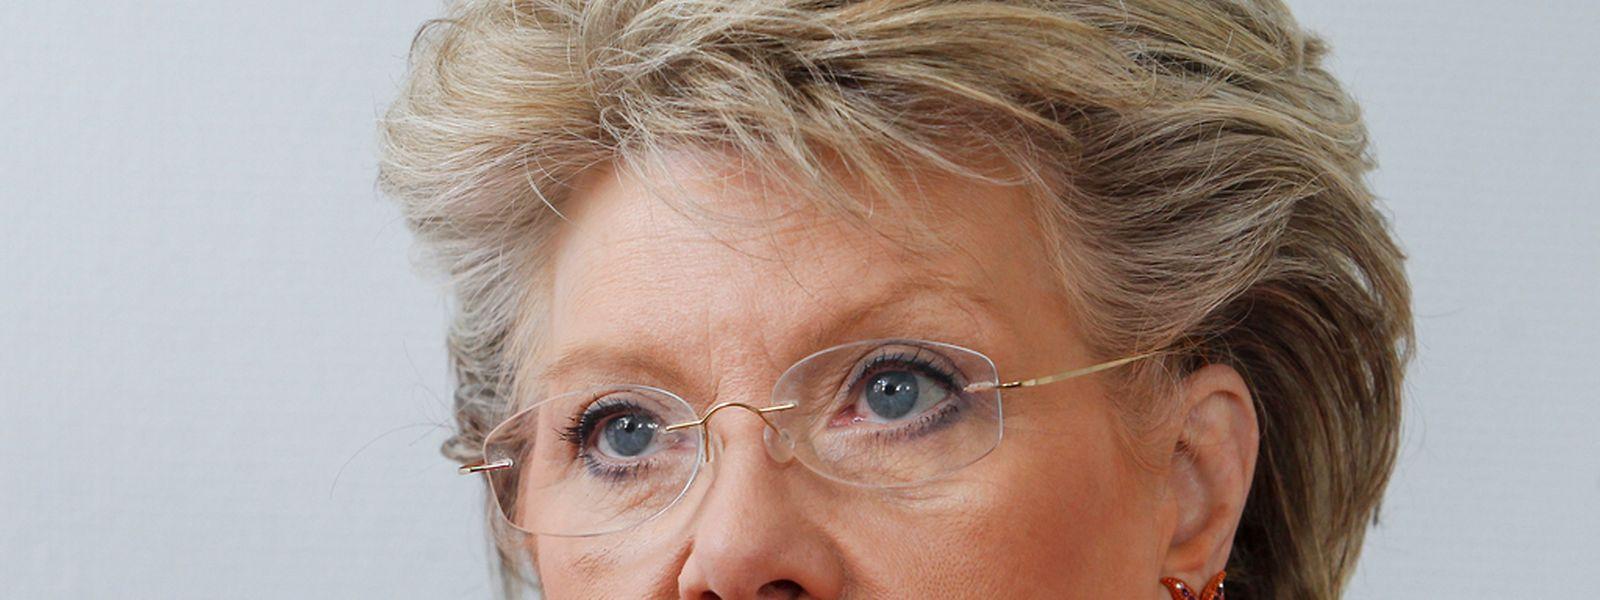 Spricht sich weiterhin für ein rasches Ende der Roaminggebühren aus: die frühere EU-Medienkommissarin und Vize-Präsidentin der Kommission, Viviane Reding.